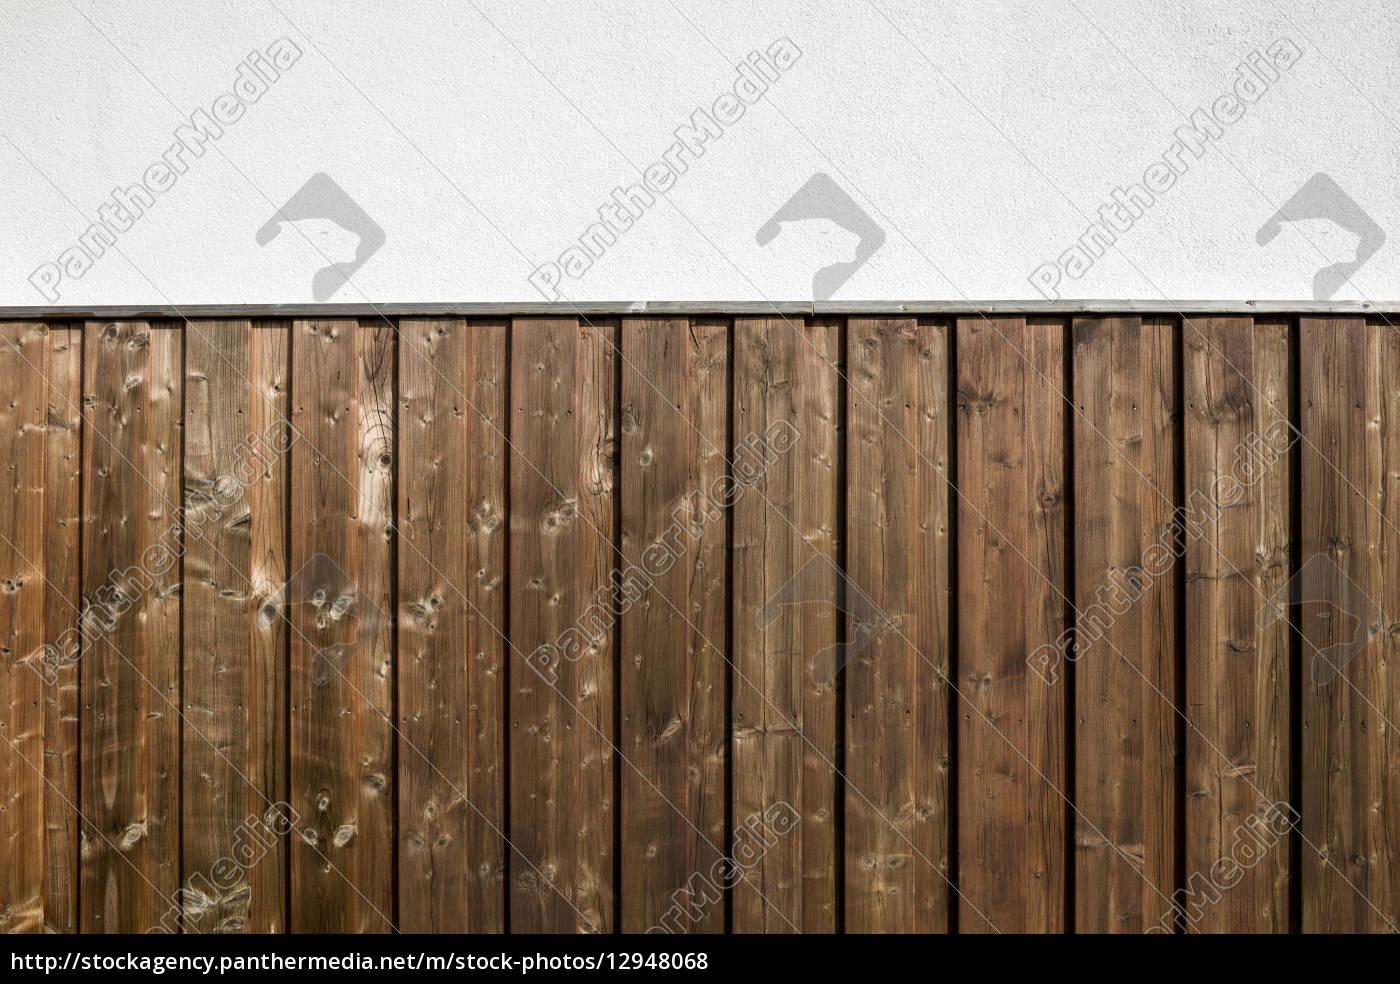 hintergrund holz wolke zaun sonnenlicht bauwerke brett lizenzfreies foto 12948068. Black Bedroom Furniture Sets. Home Design Ideas